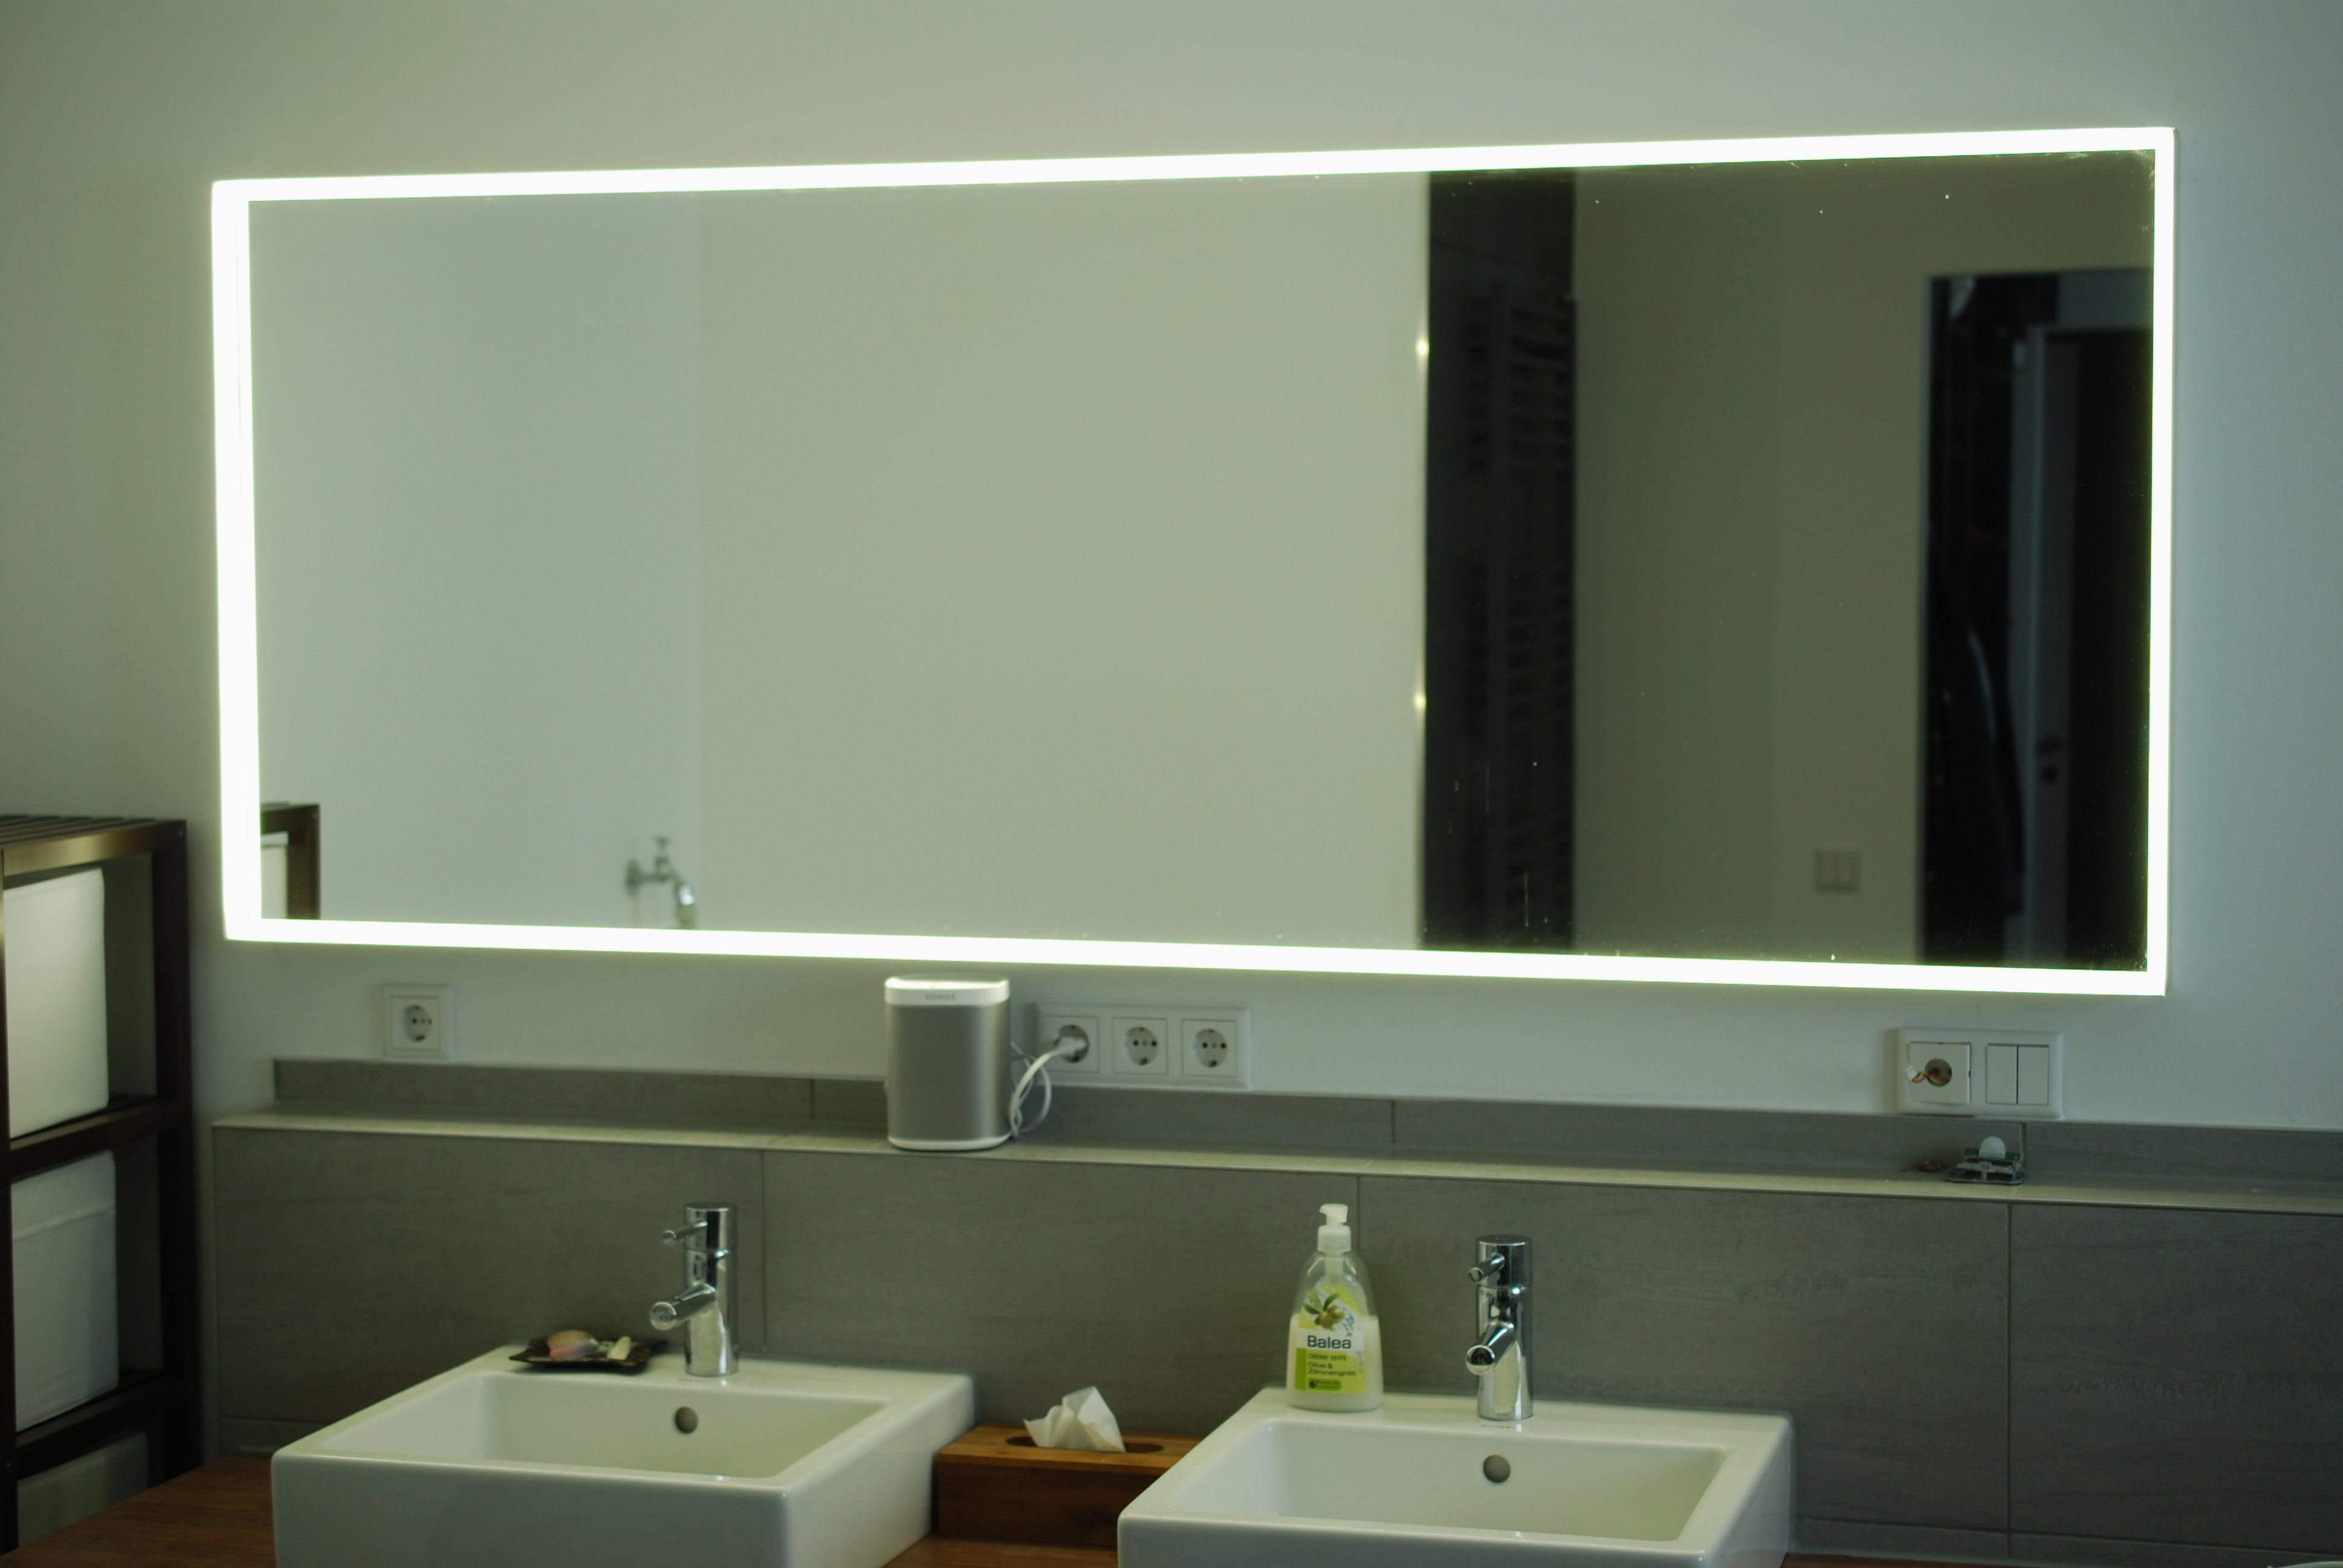 Badezimmer Lampe Obi Led Spiegel Badezimmer Design Badgestaltung